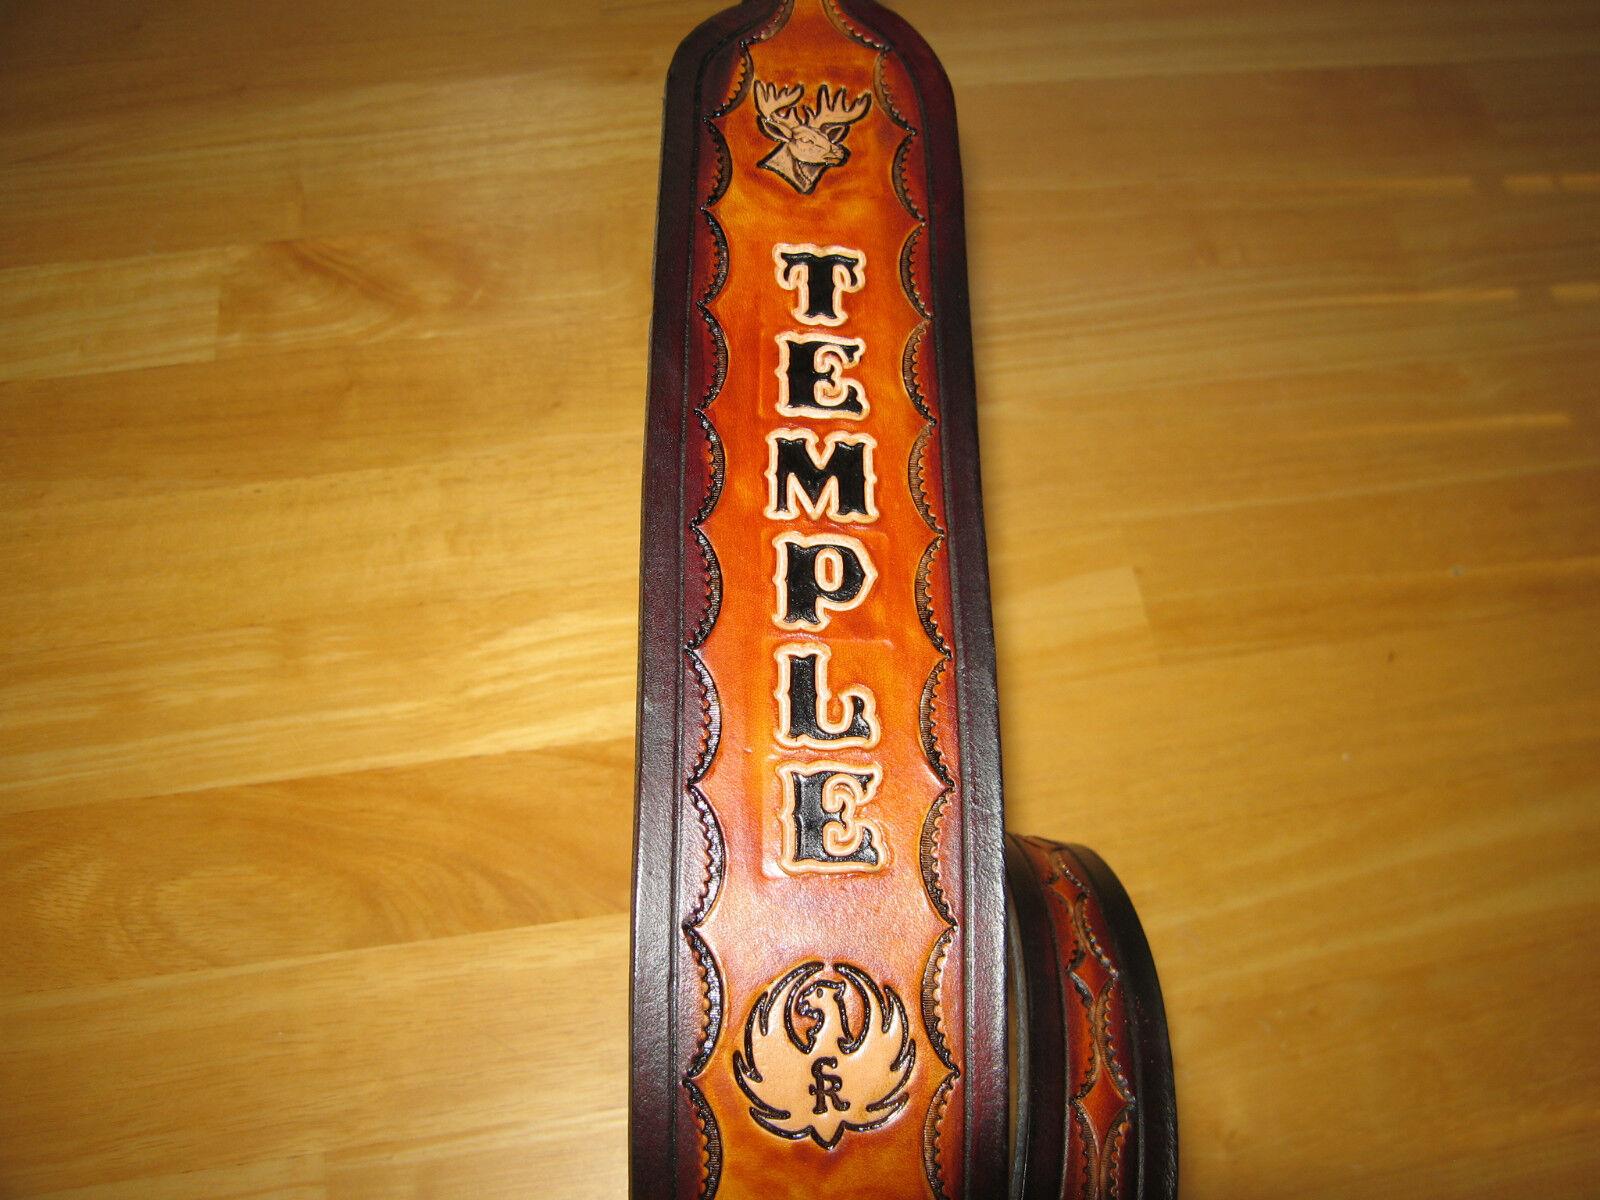 Personalizado cuero Rifle Sling con nombre   deerhead   Ruger logotipo tan & marrón